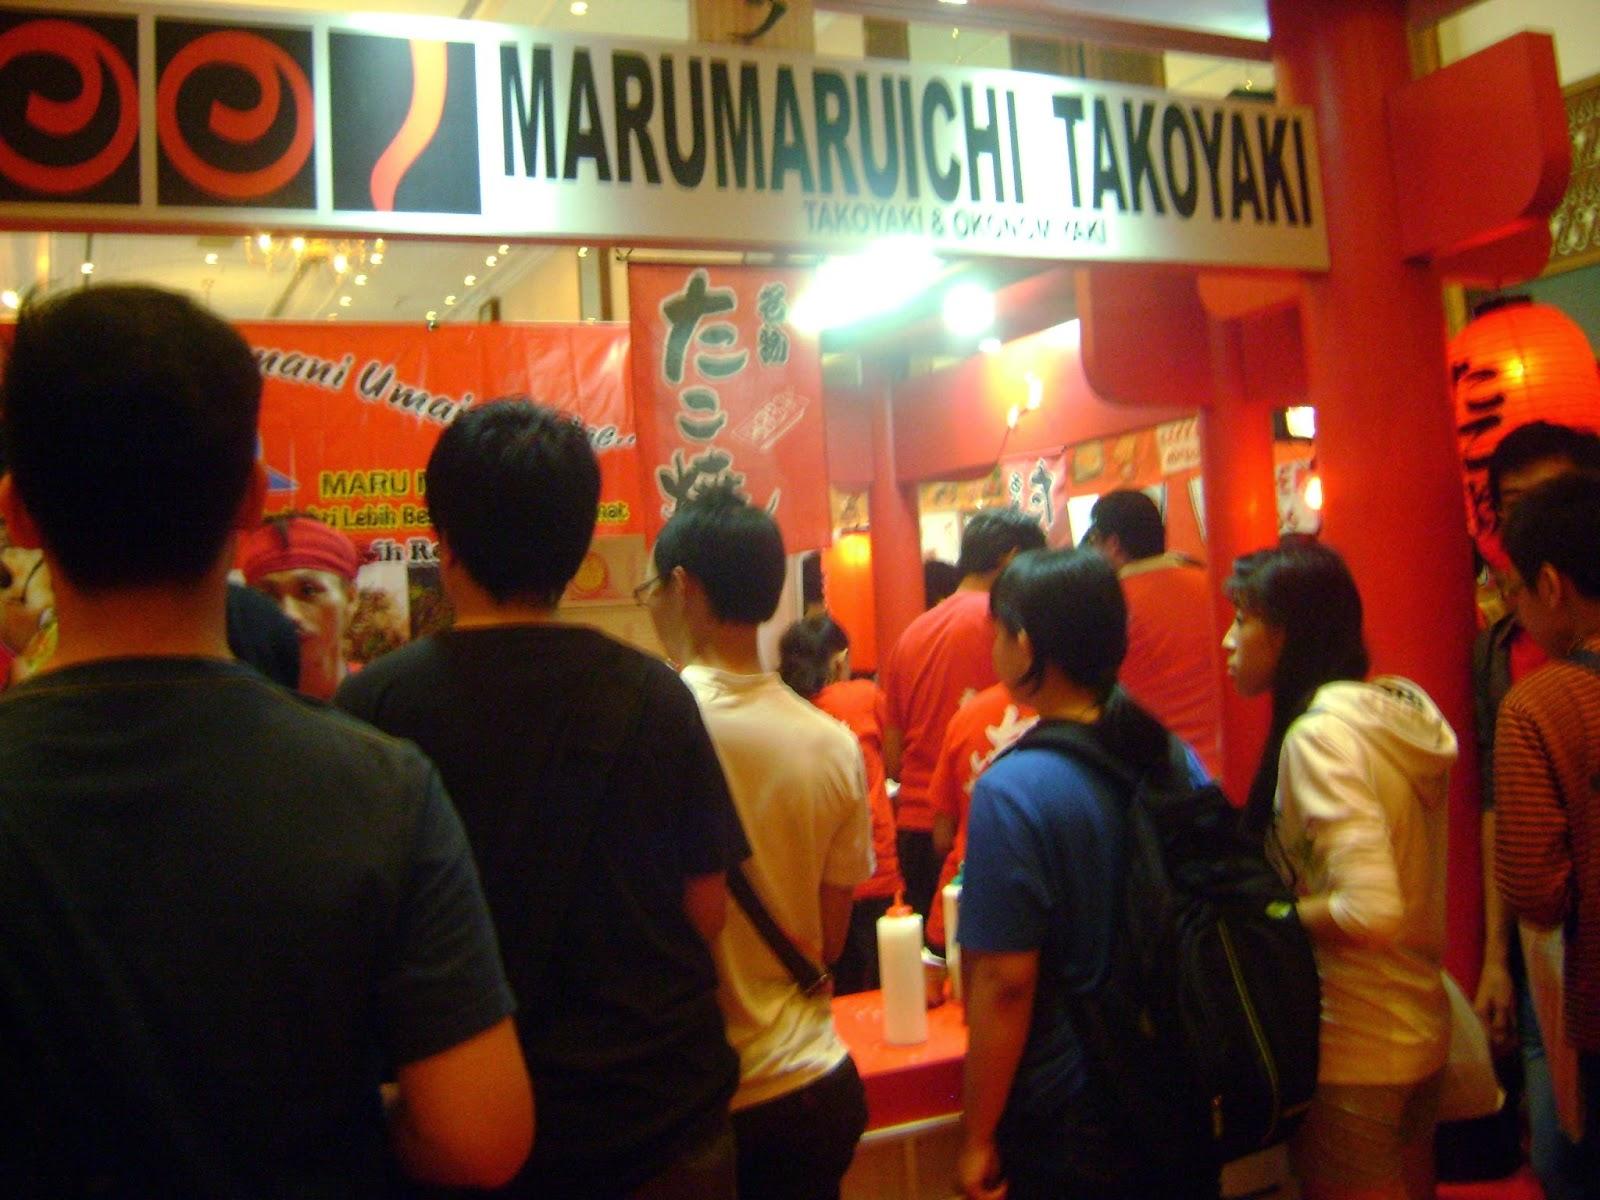 AFA ID 2014 marumaruichi takoyaki stand